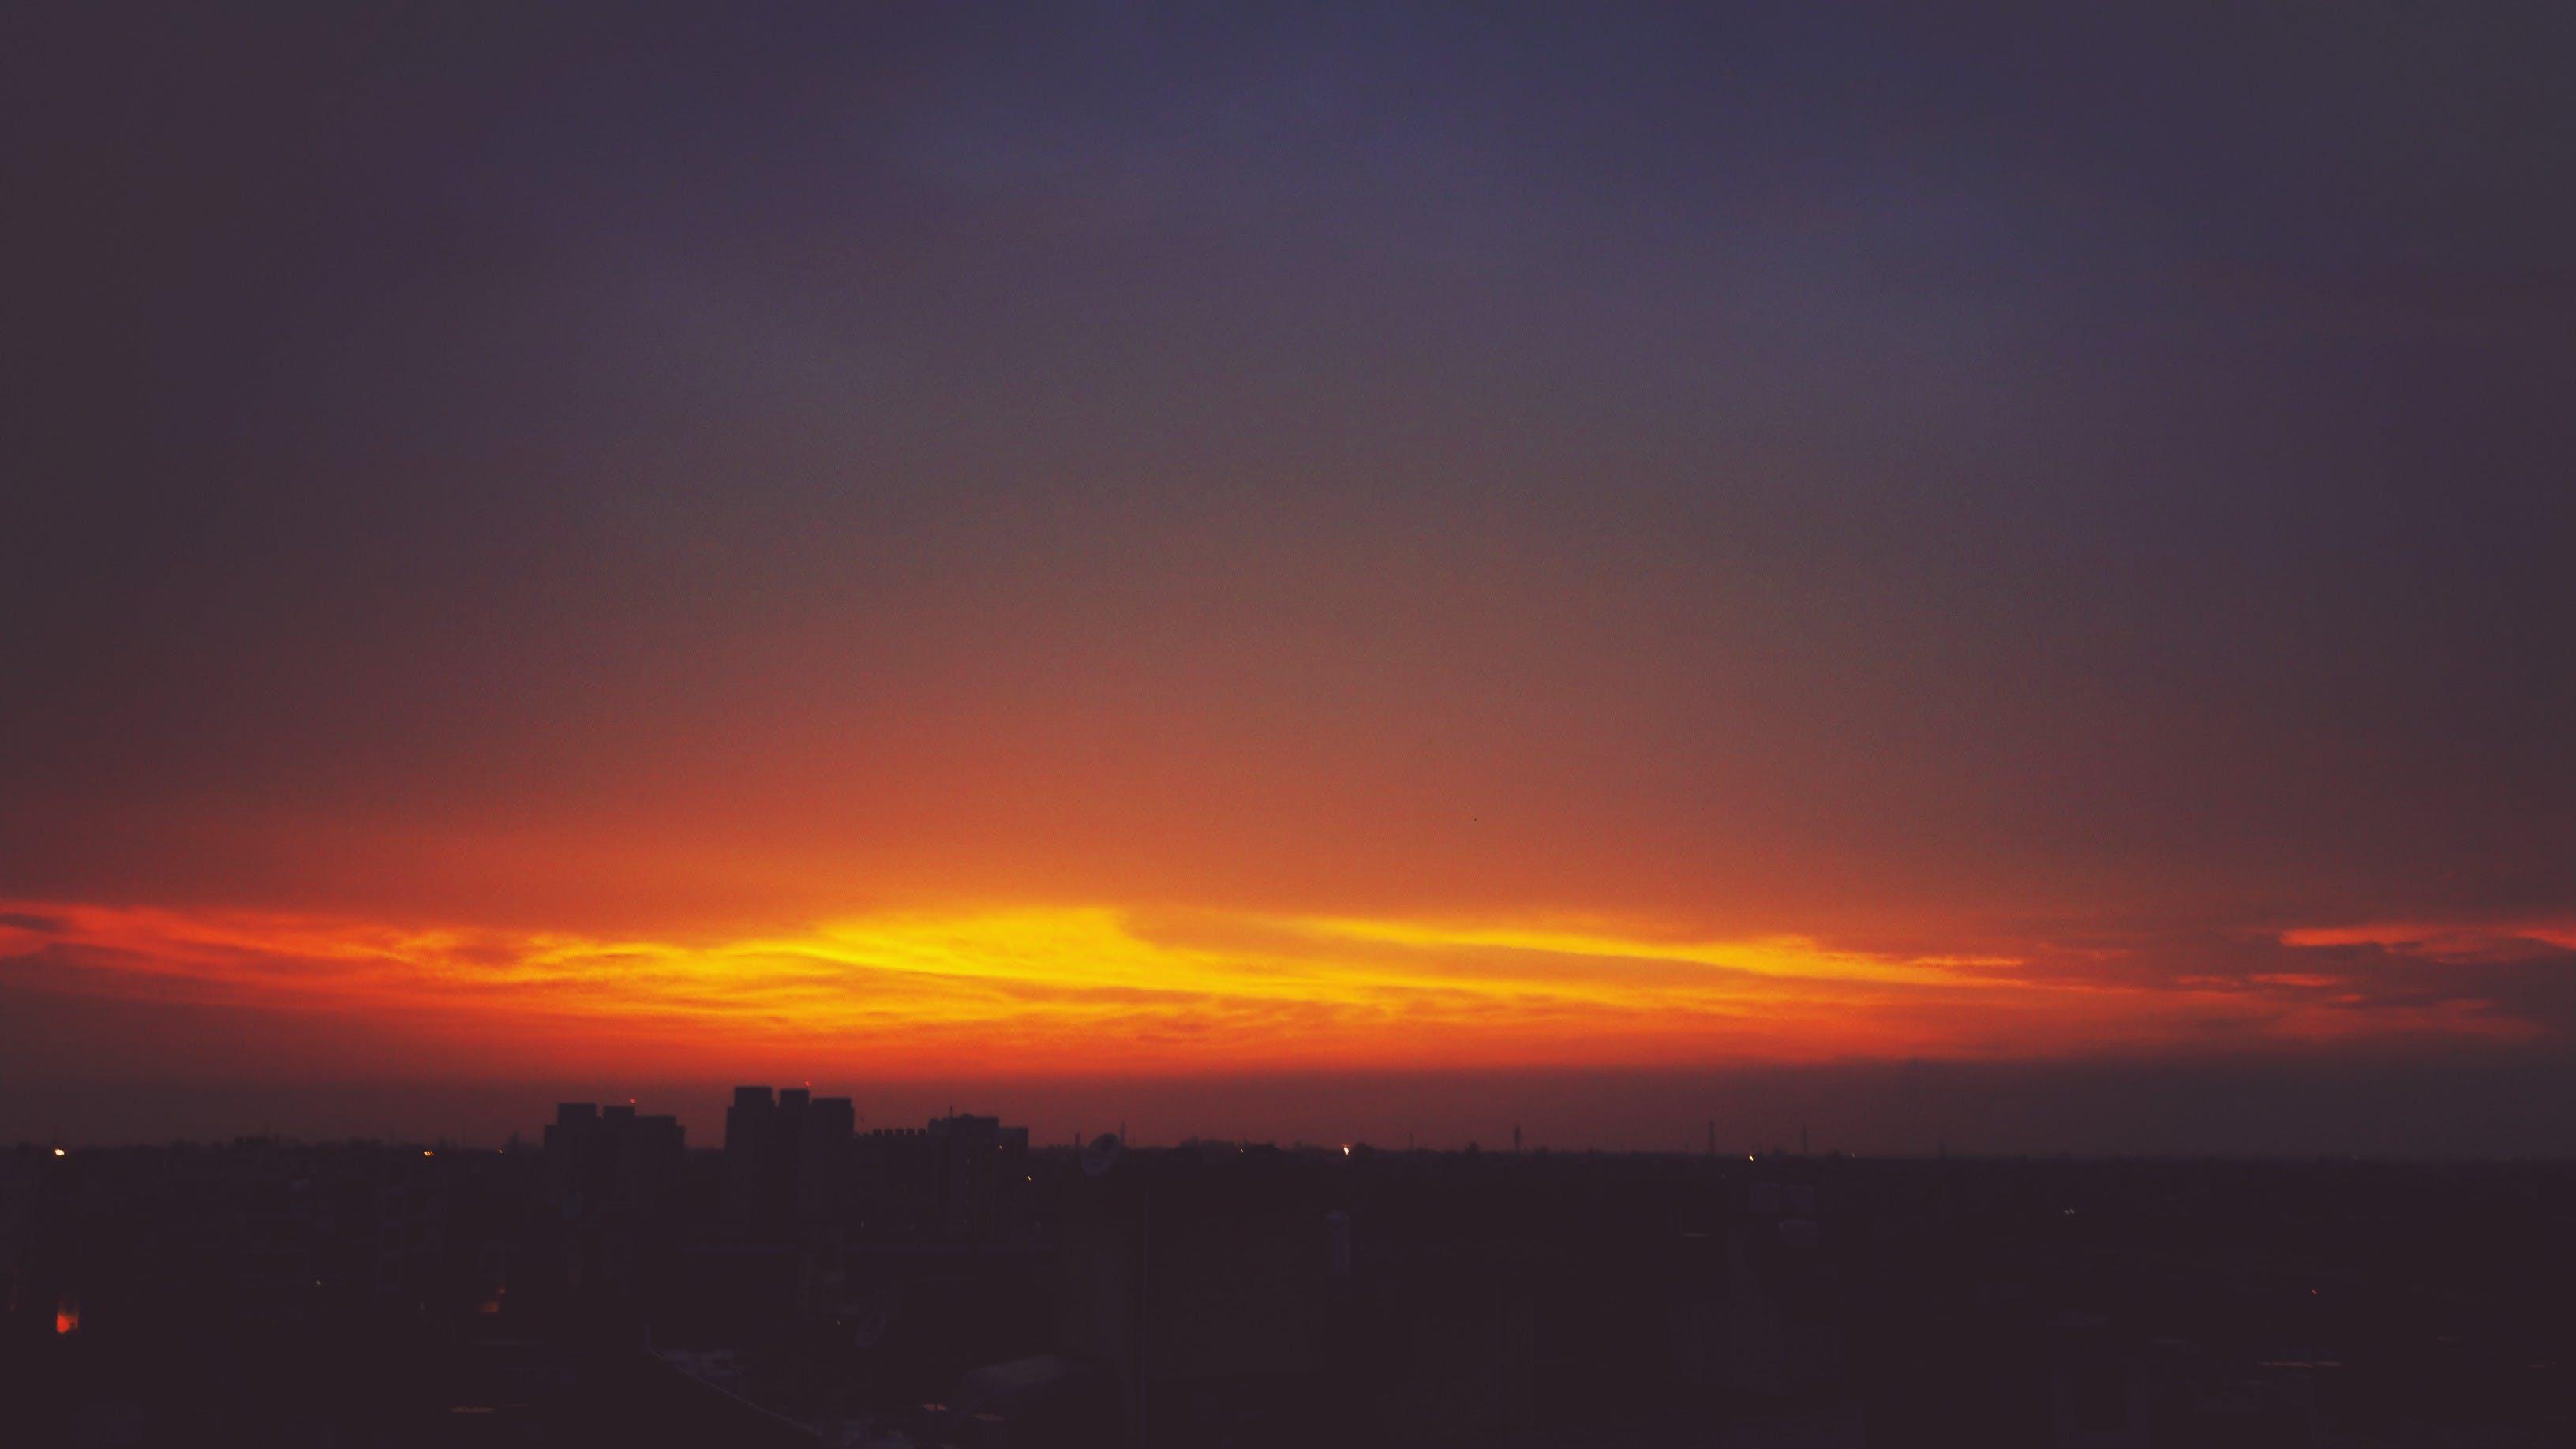 Kostenloses Stock Foto zu blick in den himmel, dämmerung, sonnenuntergang